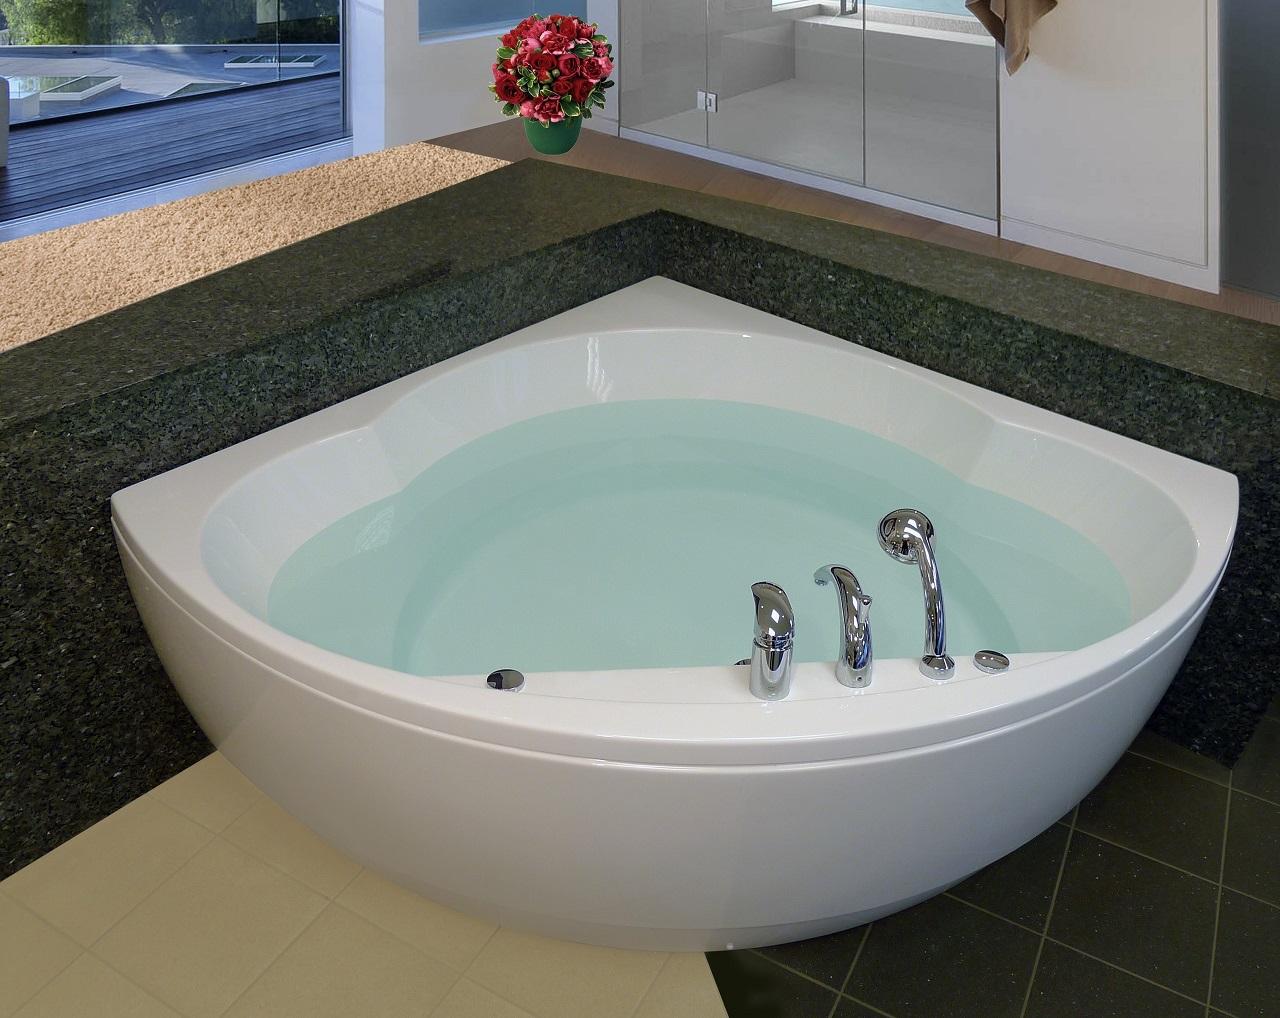 Vasca angolare misure vasche da bagno angolari vasca bagno